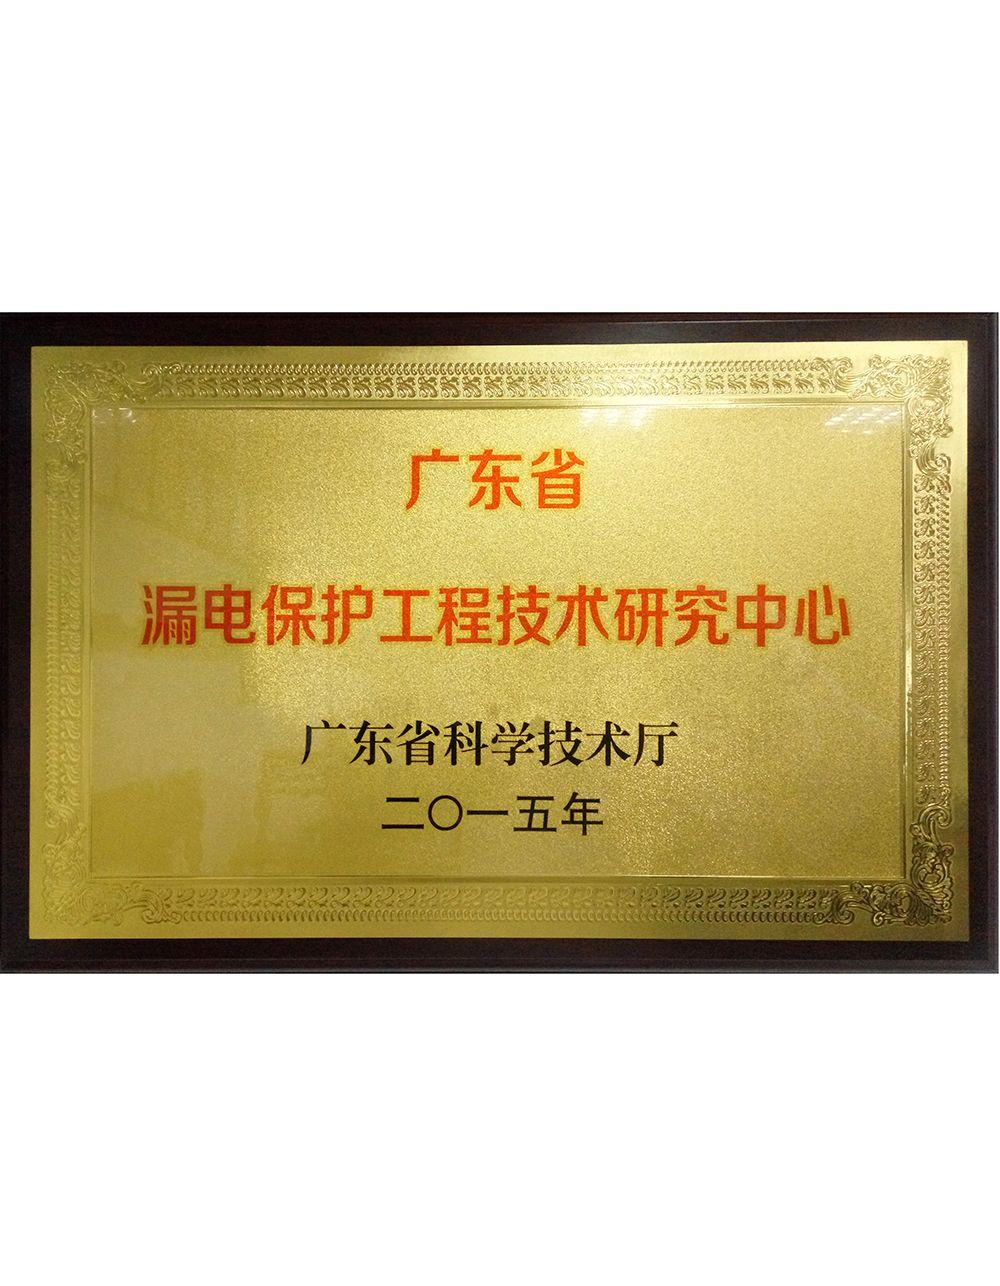 广东省漏电保护工程技术研究中心-证书-(1)